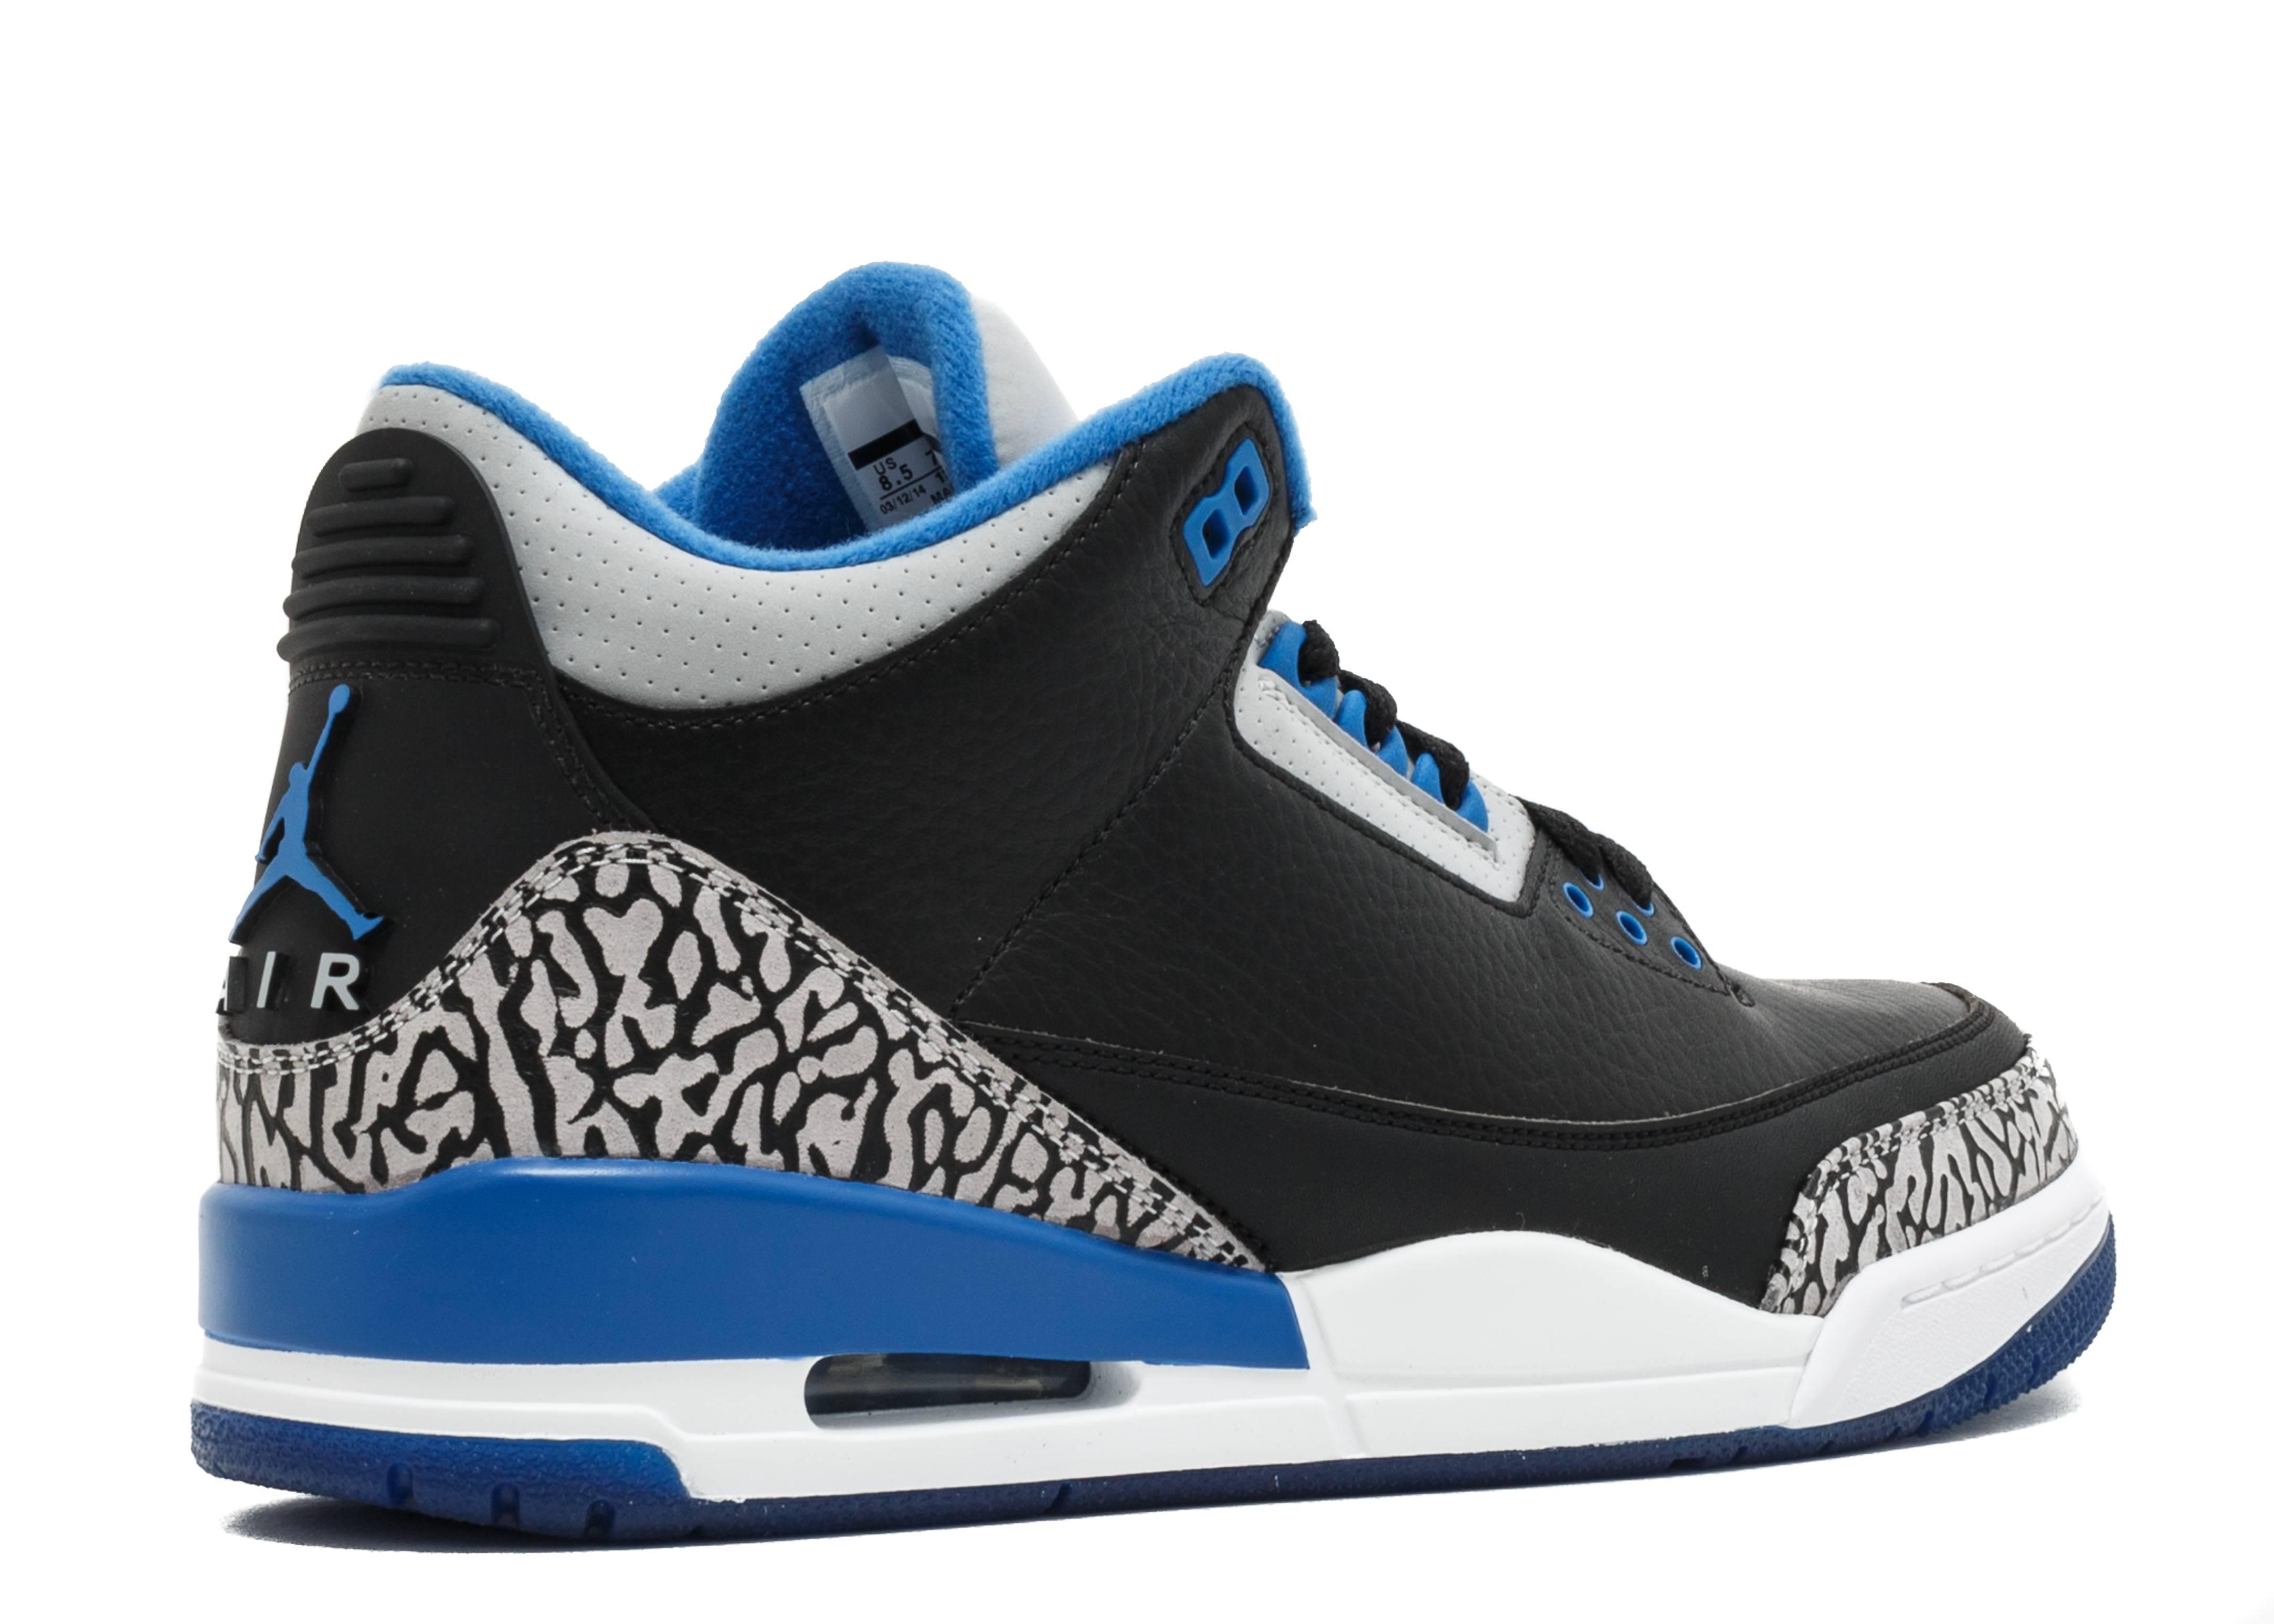 Air Jordan 3 Blue And Black